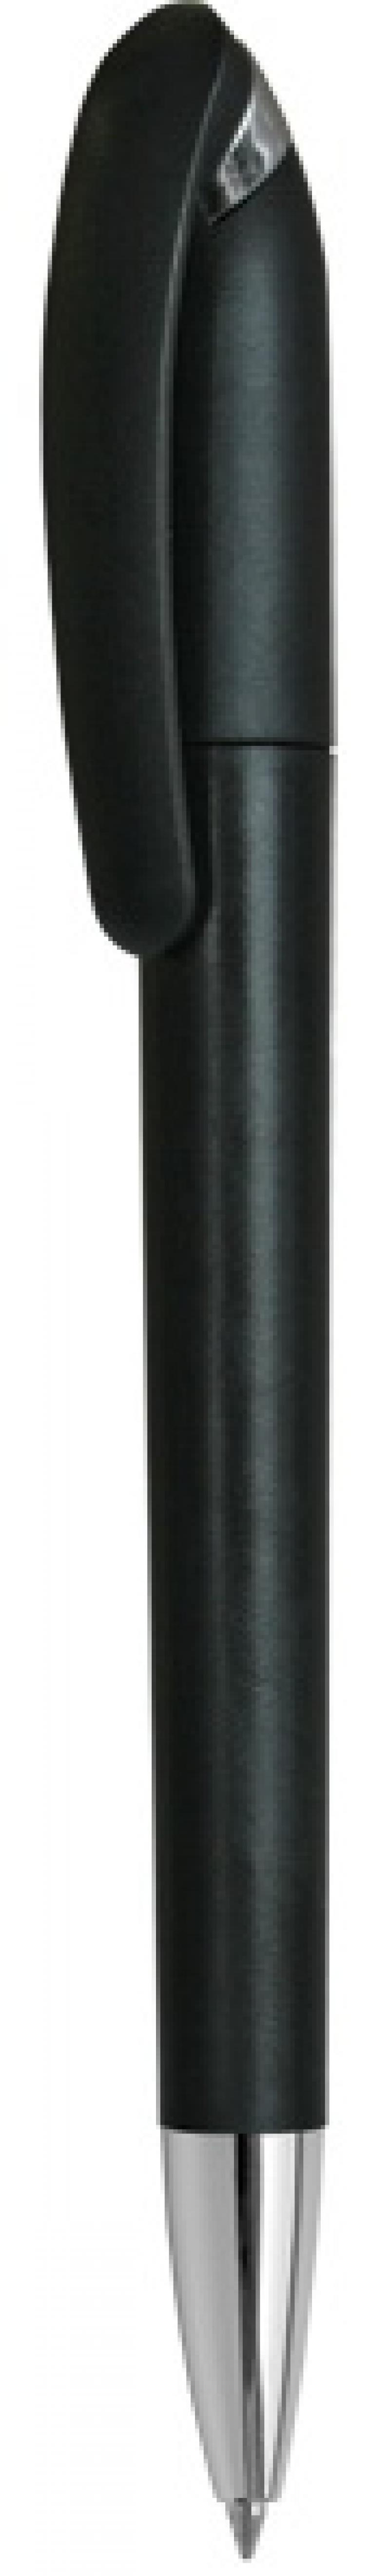 Авторучка шариковая APPLICA, пластиковый корпус, поворотный механизм, 0,5 мм, синяя, корпус черный